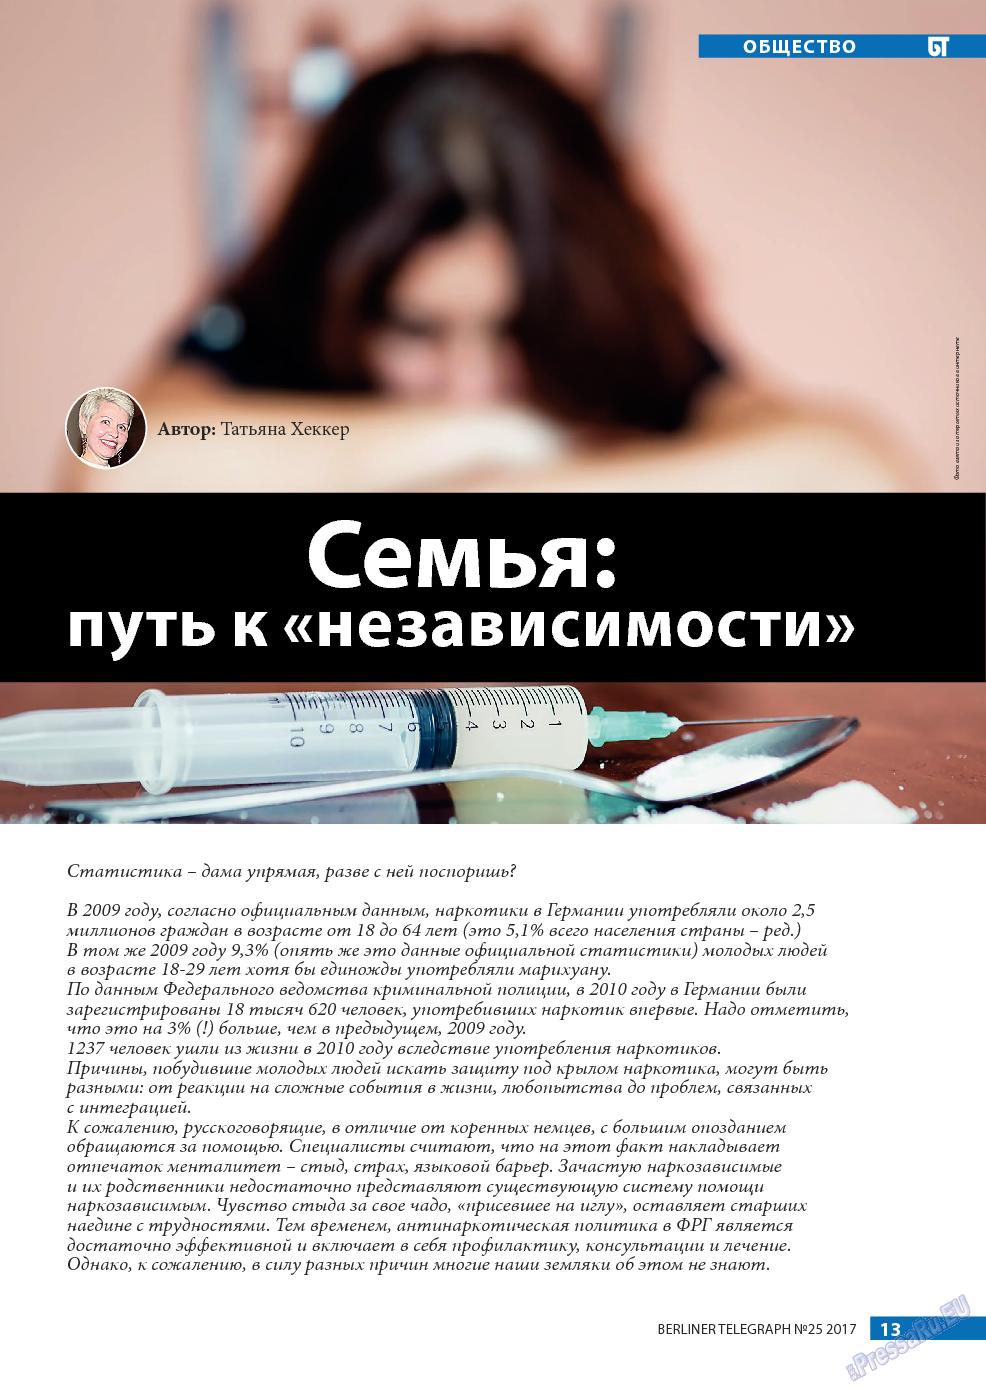 Берлинский телеграф (журнал). 2017 год, номер 25, стр. 13